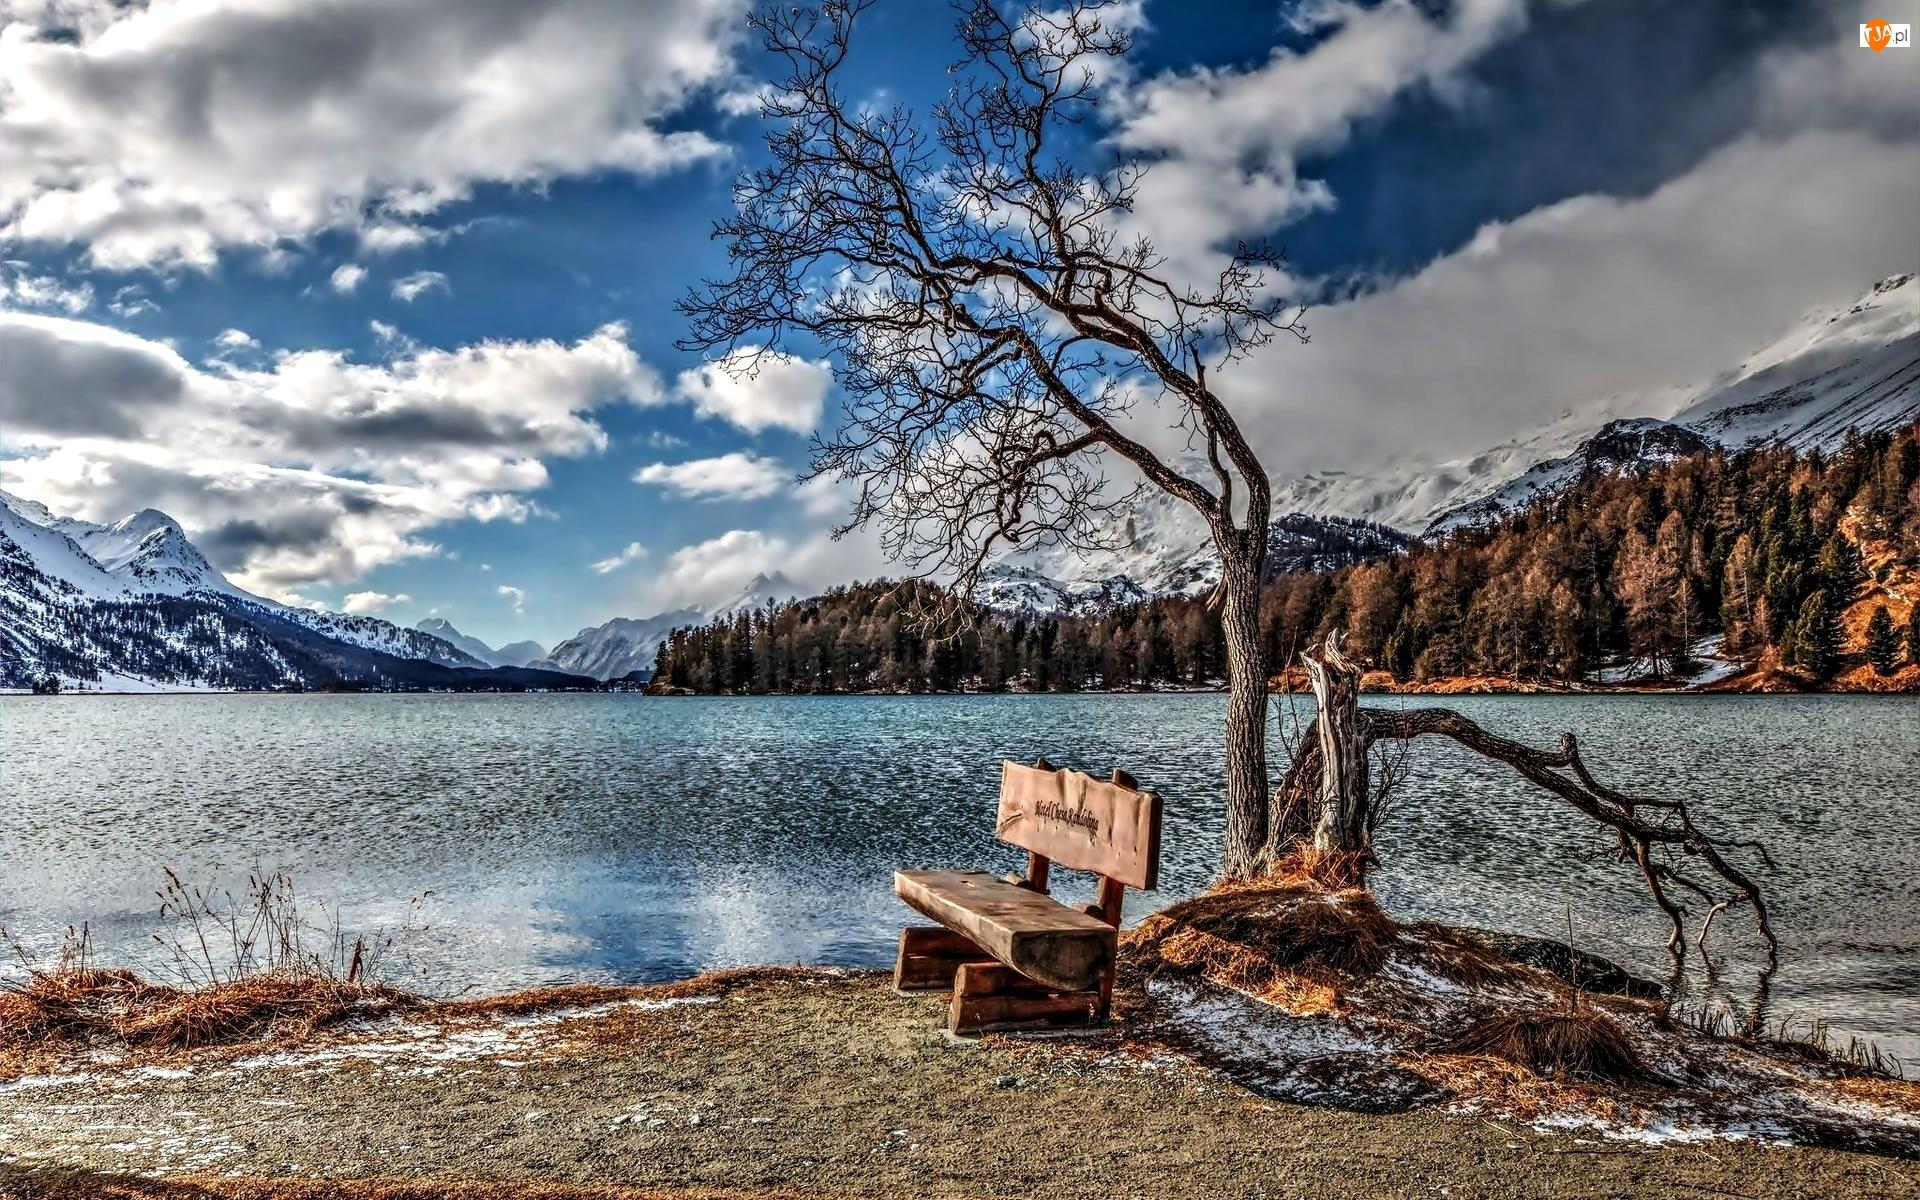 Ławka, Jezioro, Alpy, Góry, HDR, Szwajcaria, Drzewo